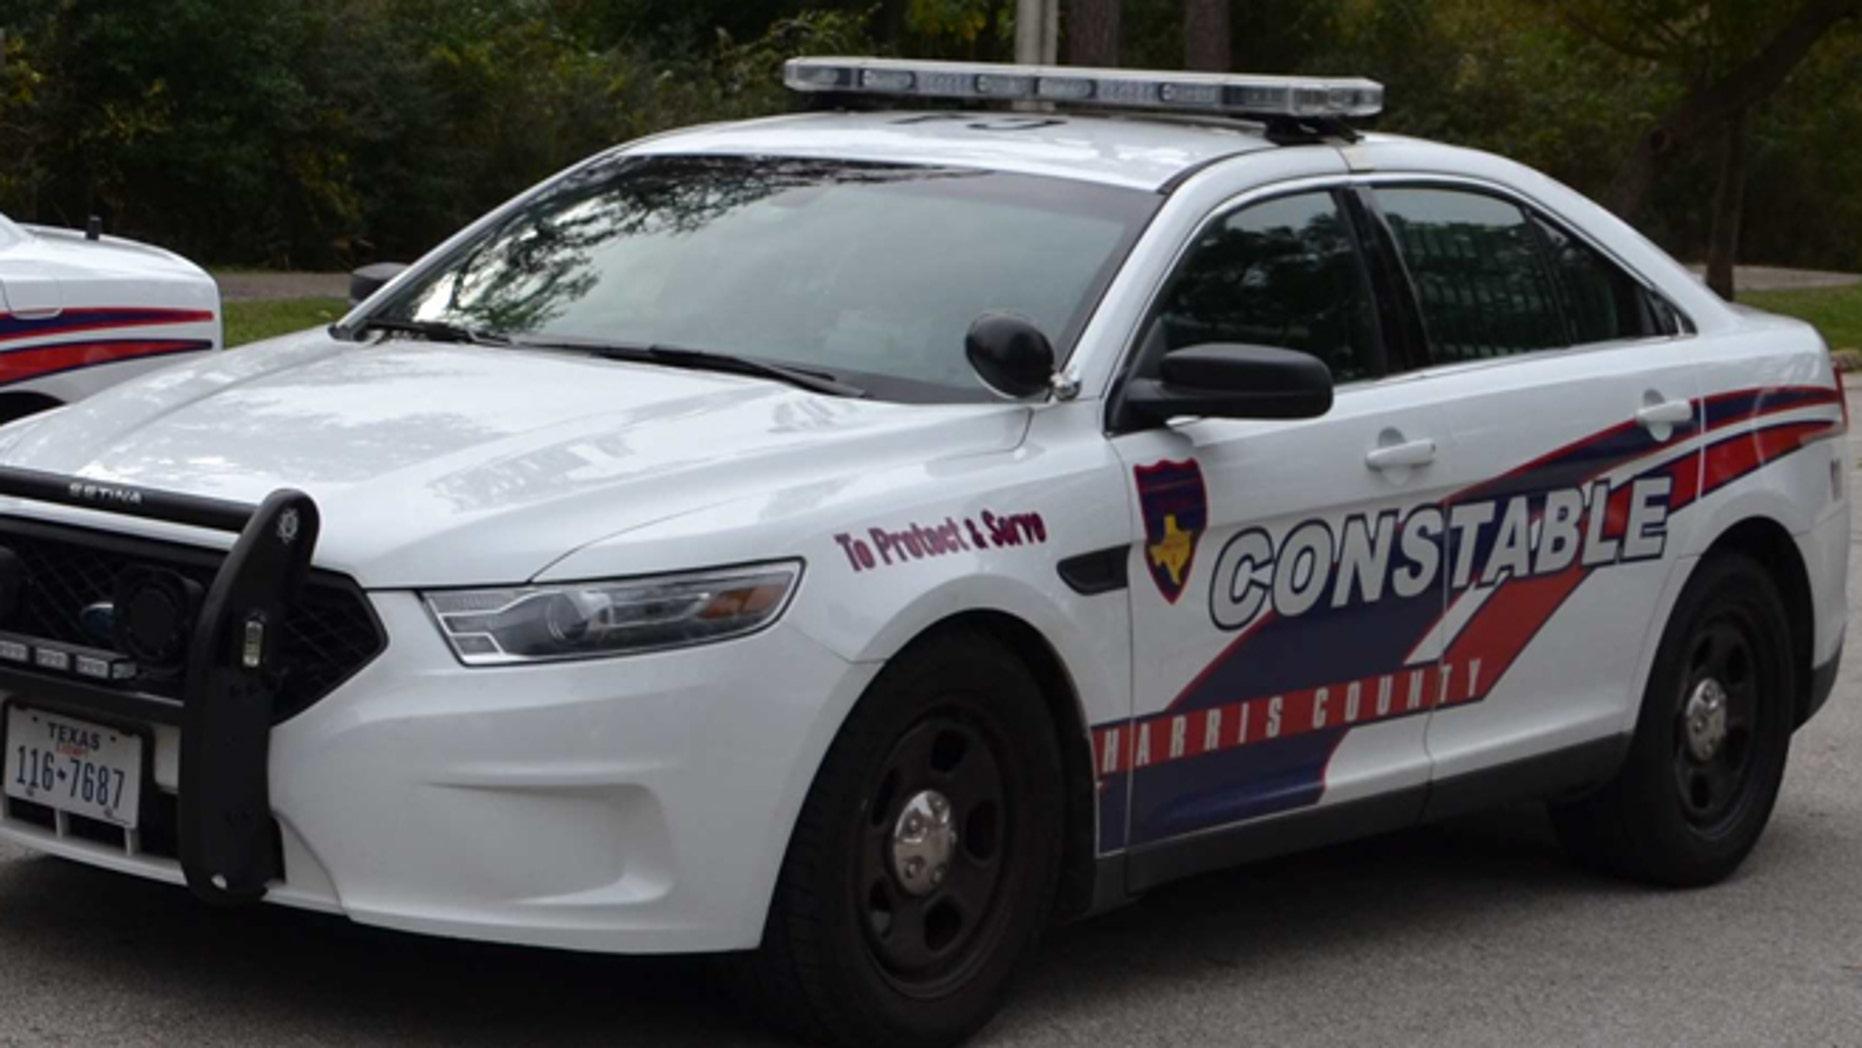 (Harris County Constable)